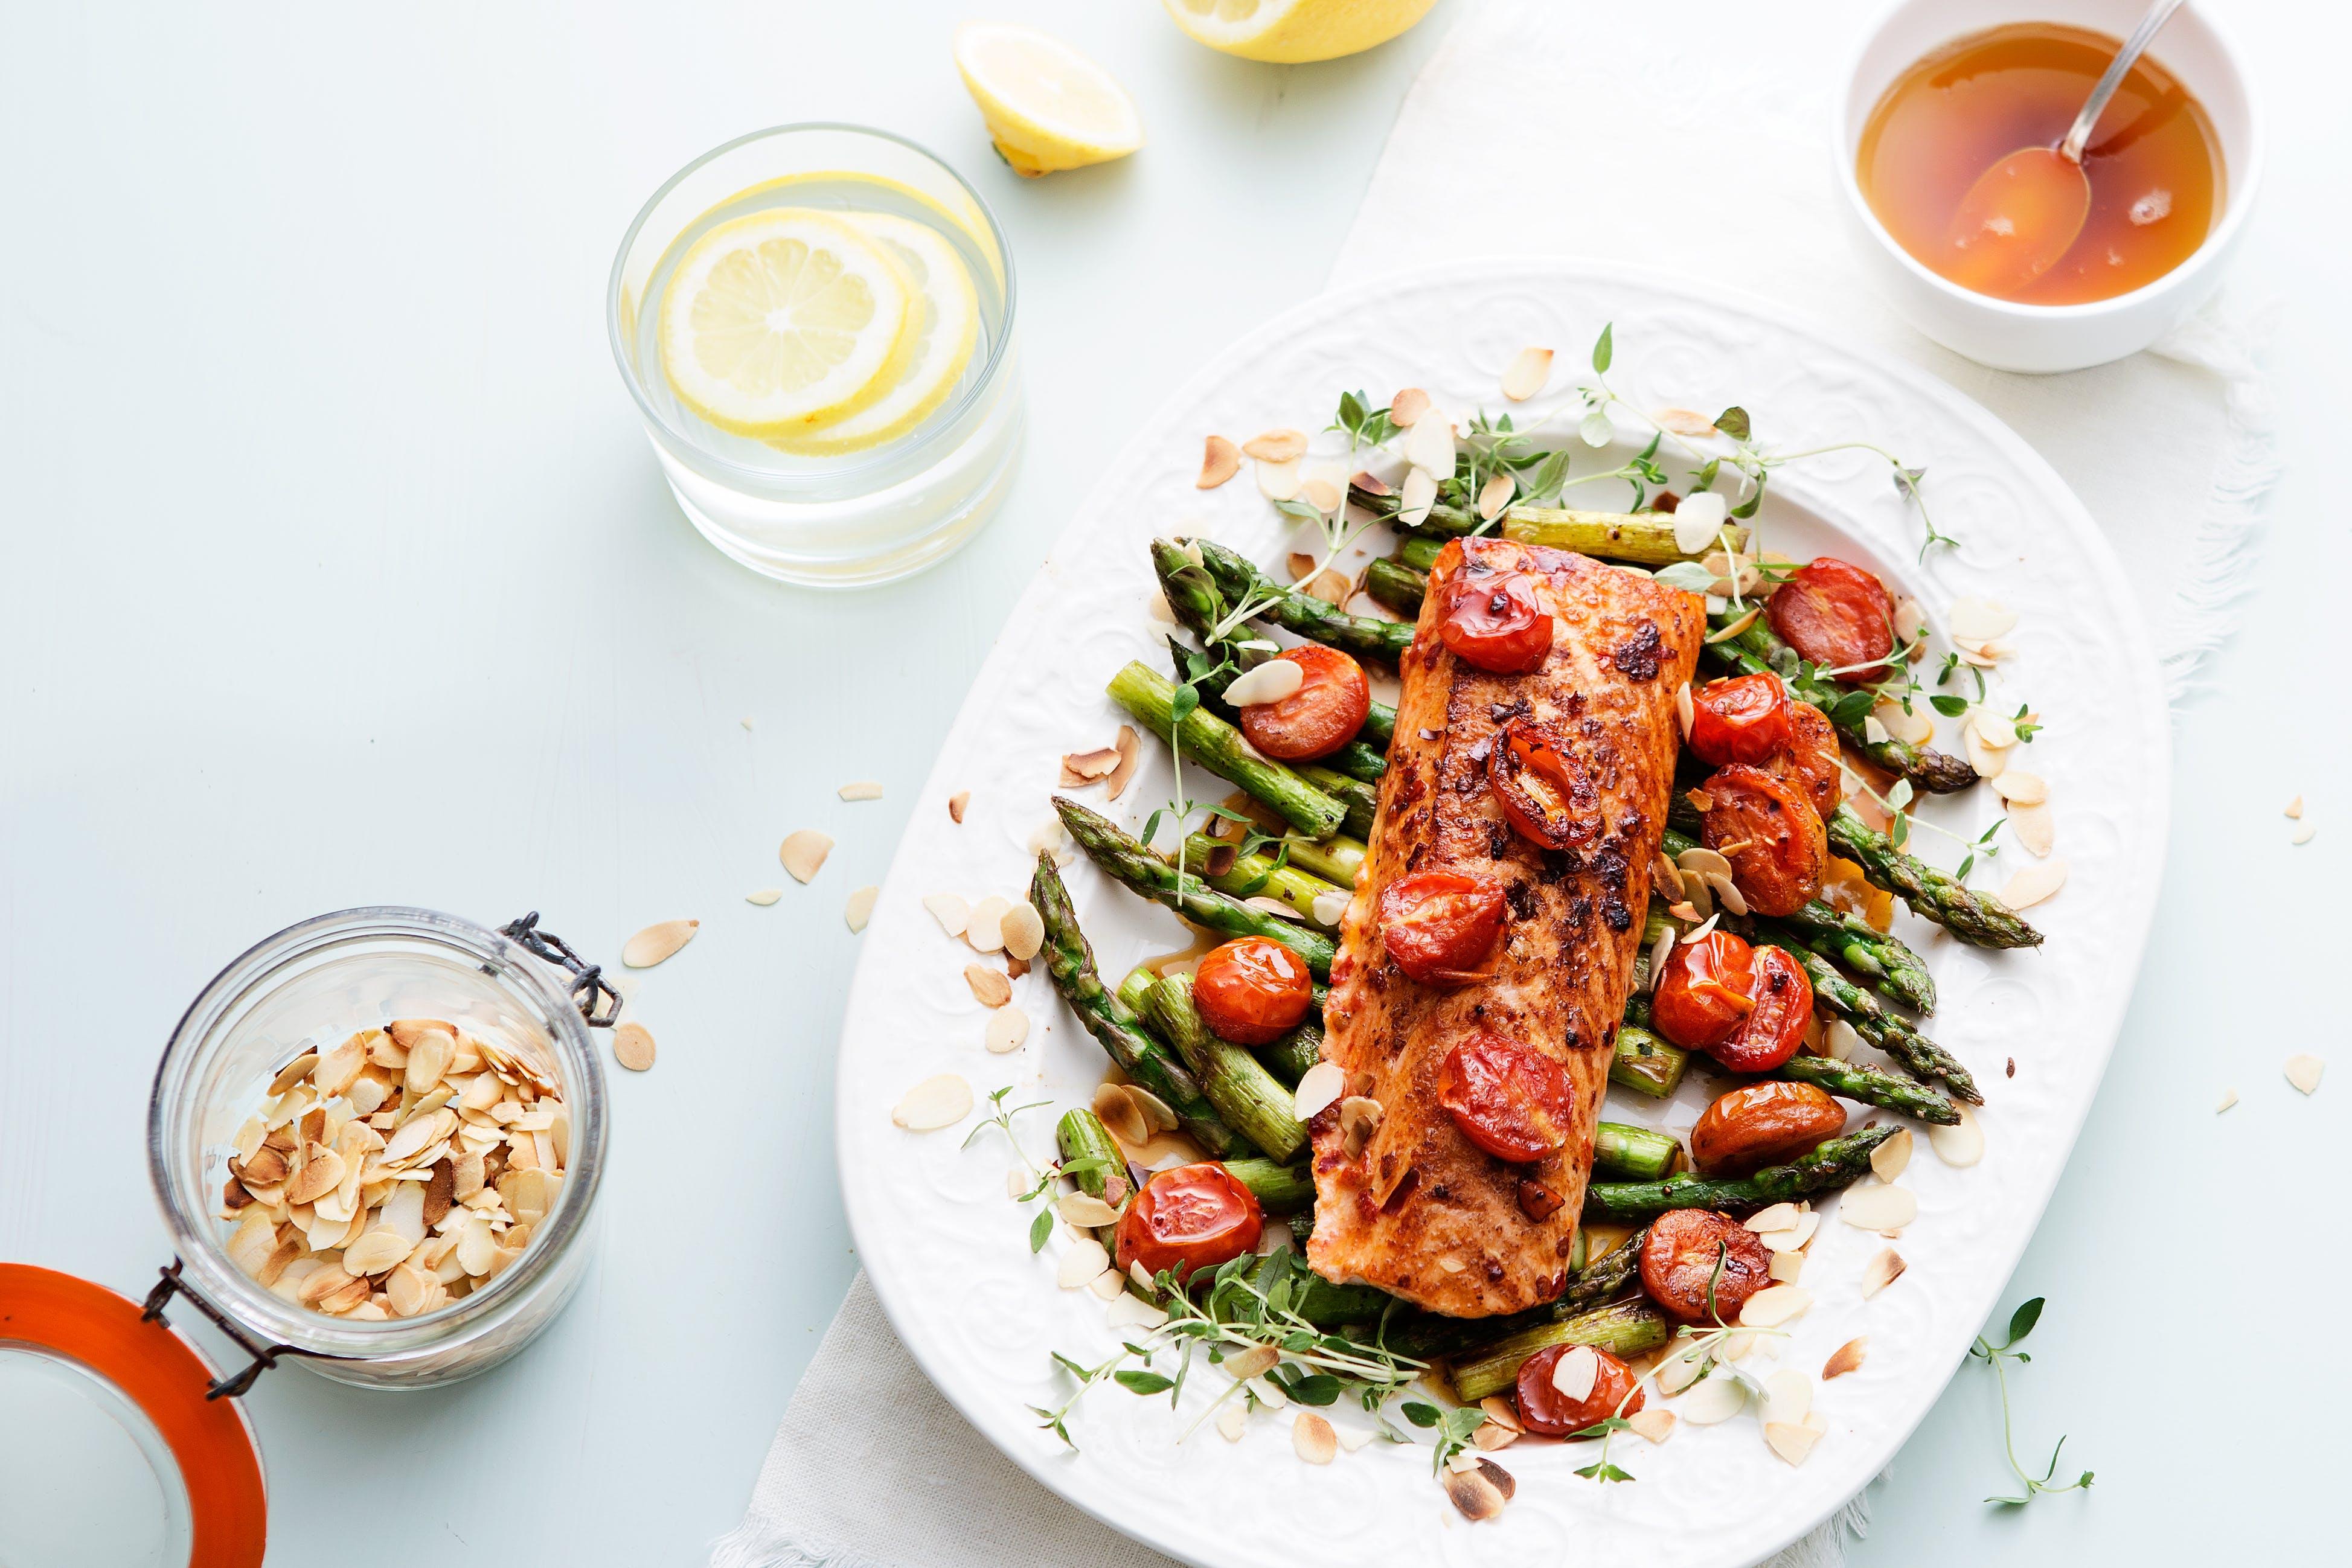 Salmón keto con ají, tomate y espárragos